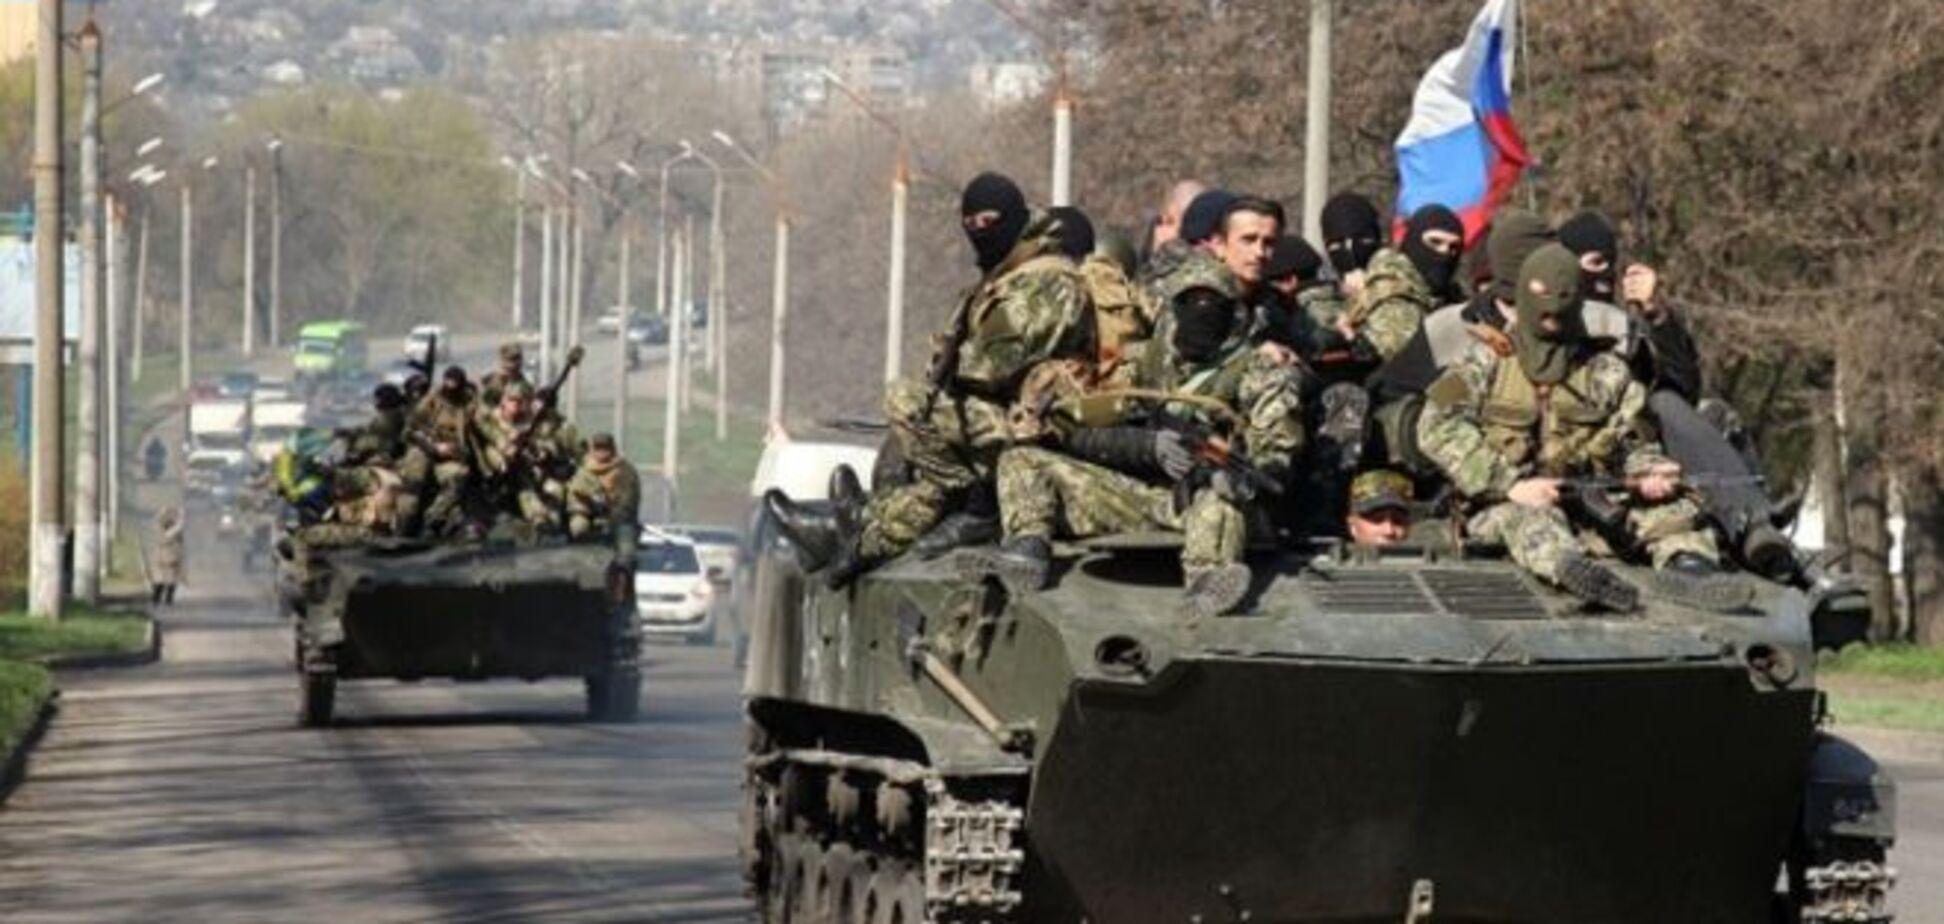 Дядя Вова помогает сепаратистам